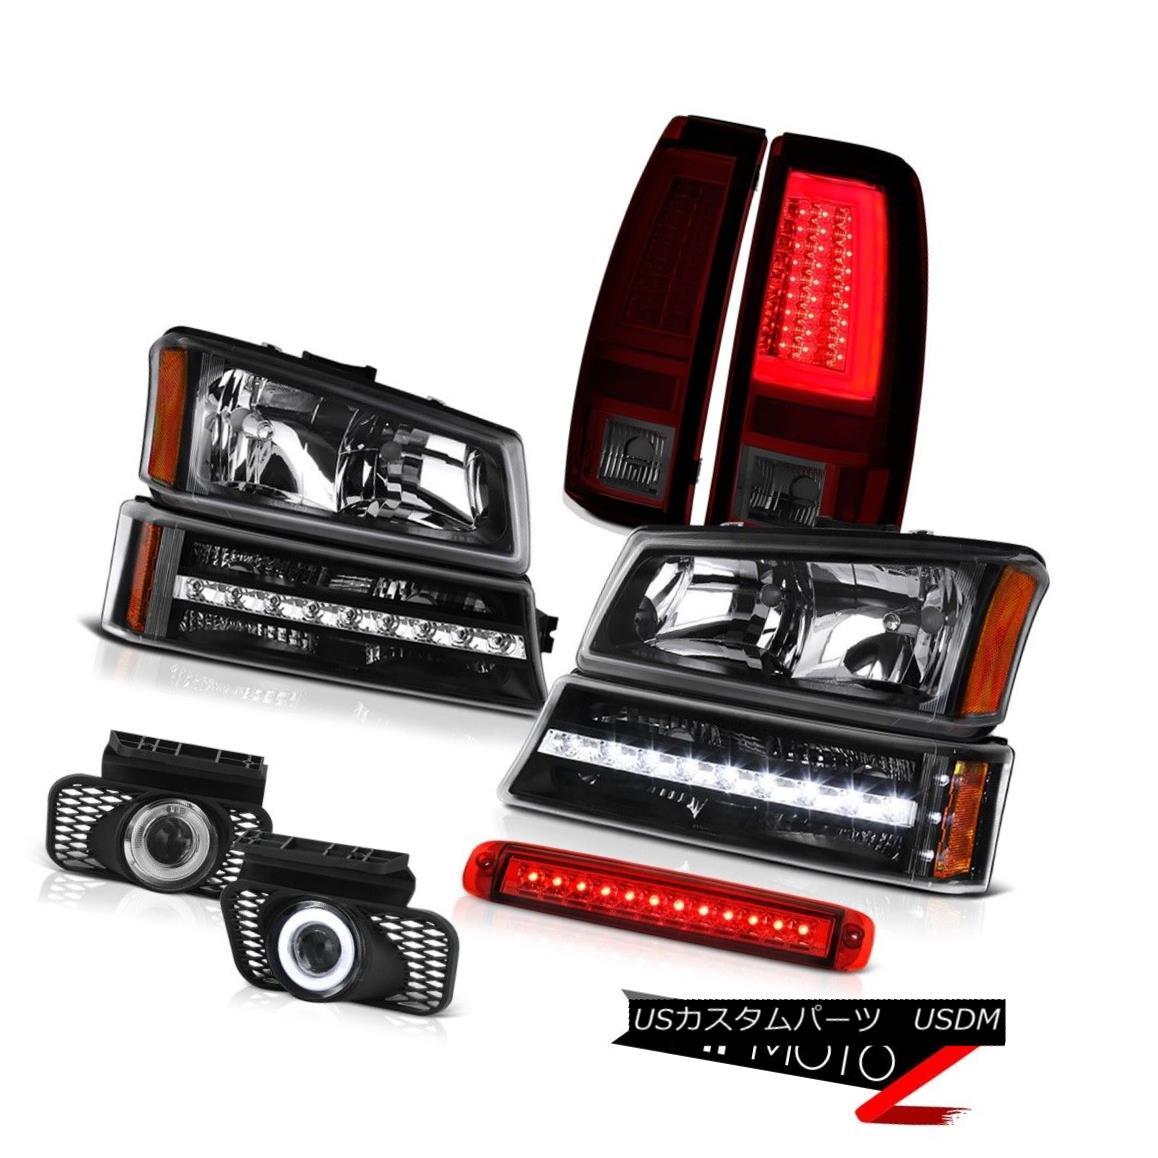 テールライト 03-06 Chevy Silverado Taillights High Stop Light Headlights Foglamps Signal Lamp 03-06 Chevy Silveradoテールライトハイストップライトヘッドライトフォグランプシグナルランプ